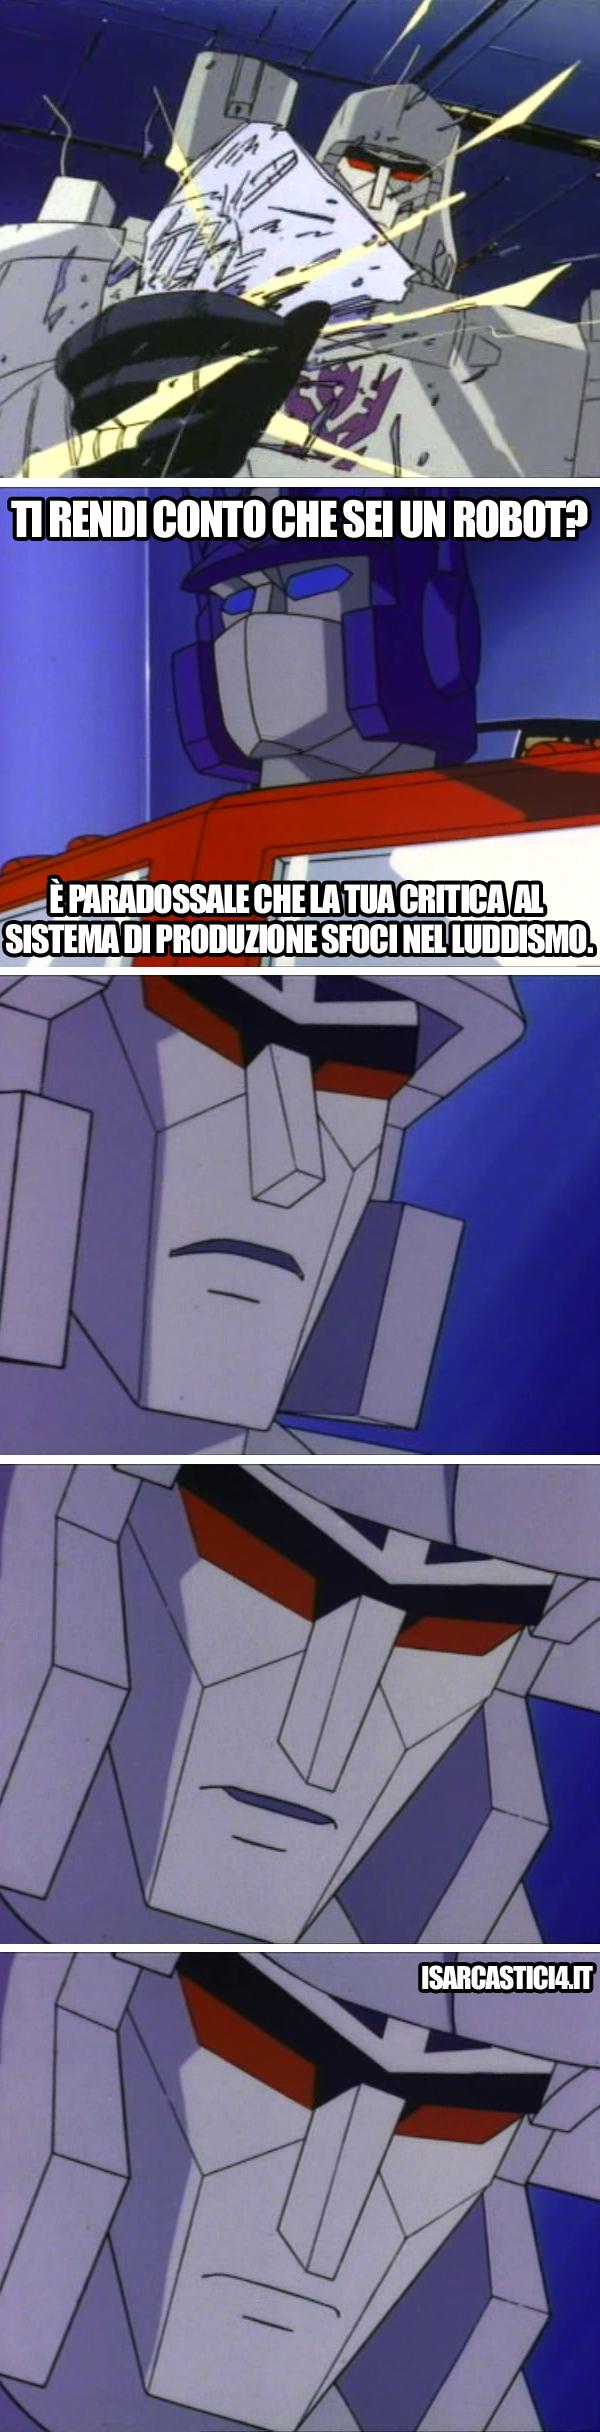 Transfomers meme ita - Consapevolezza